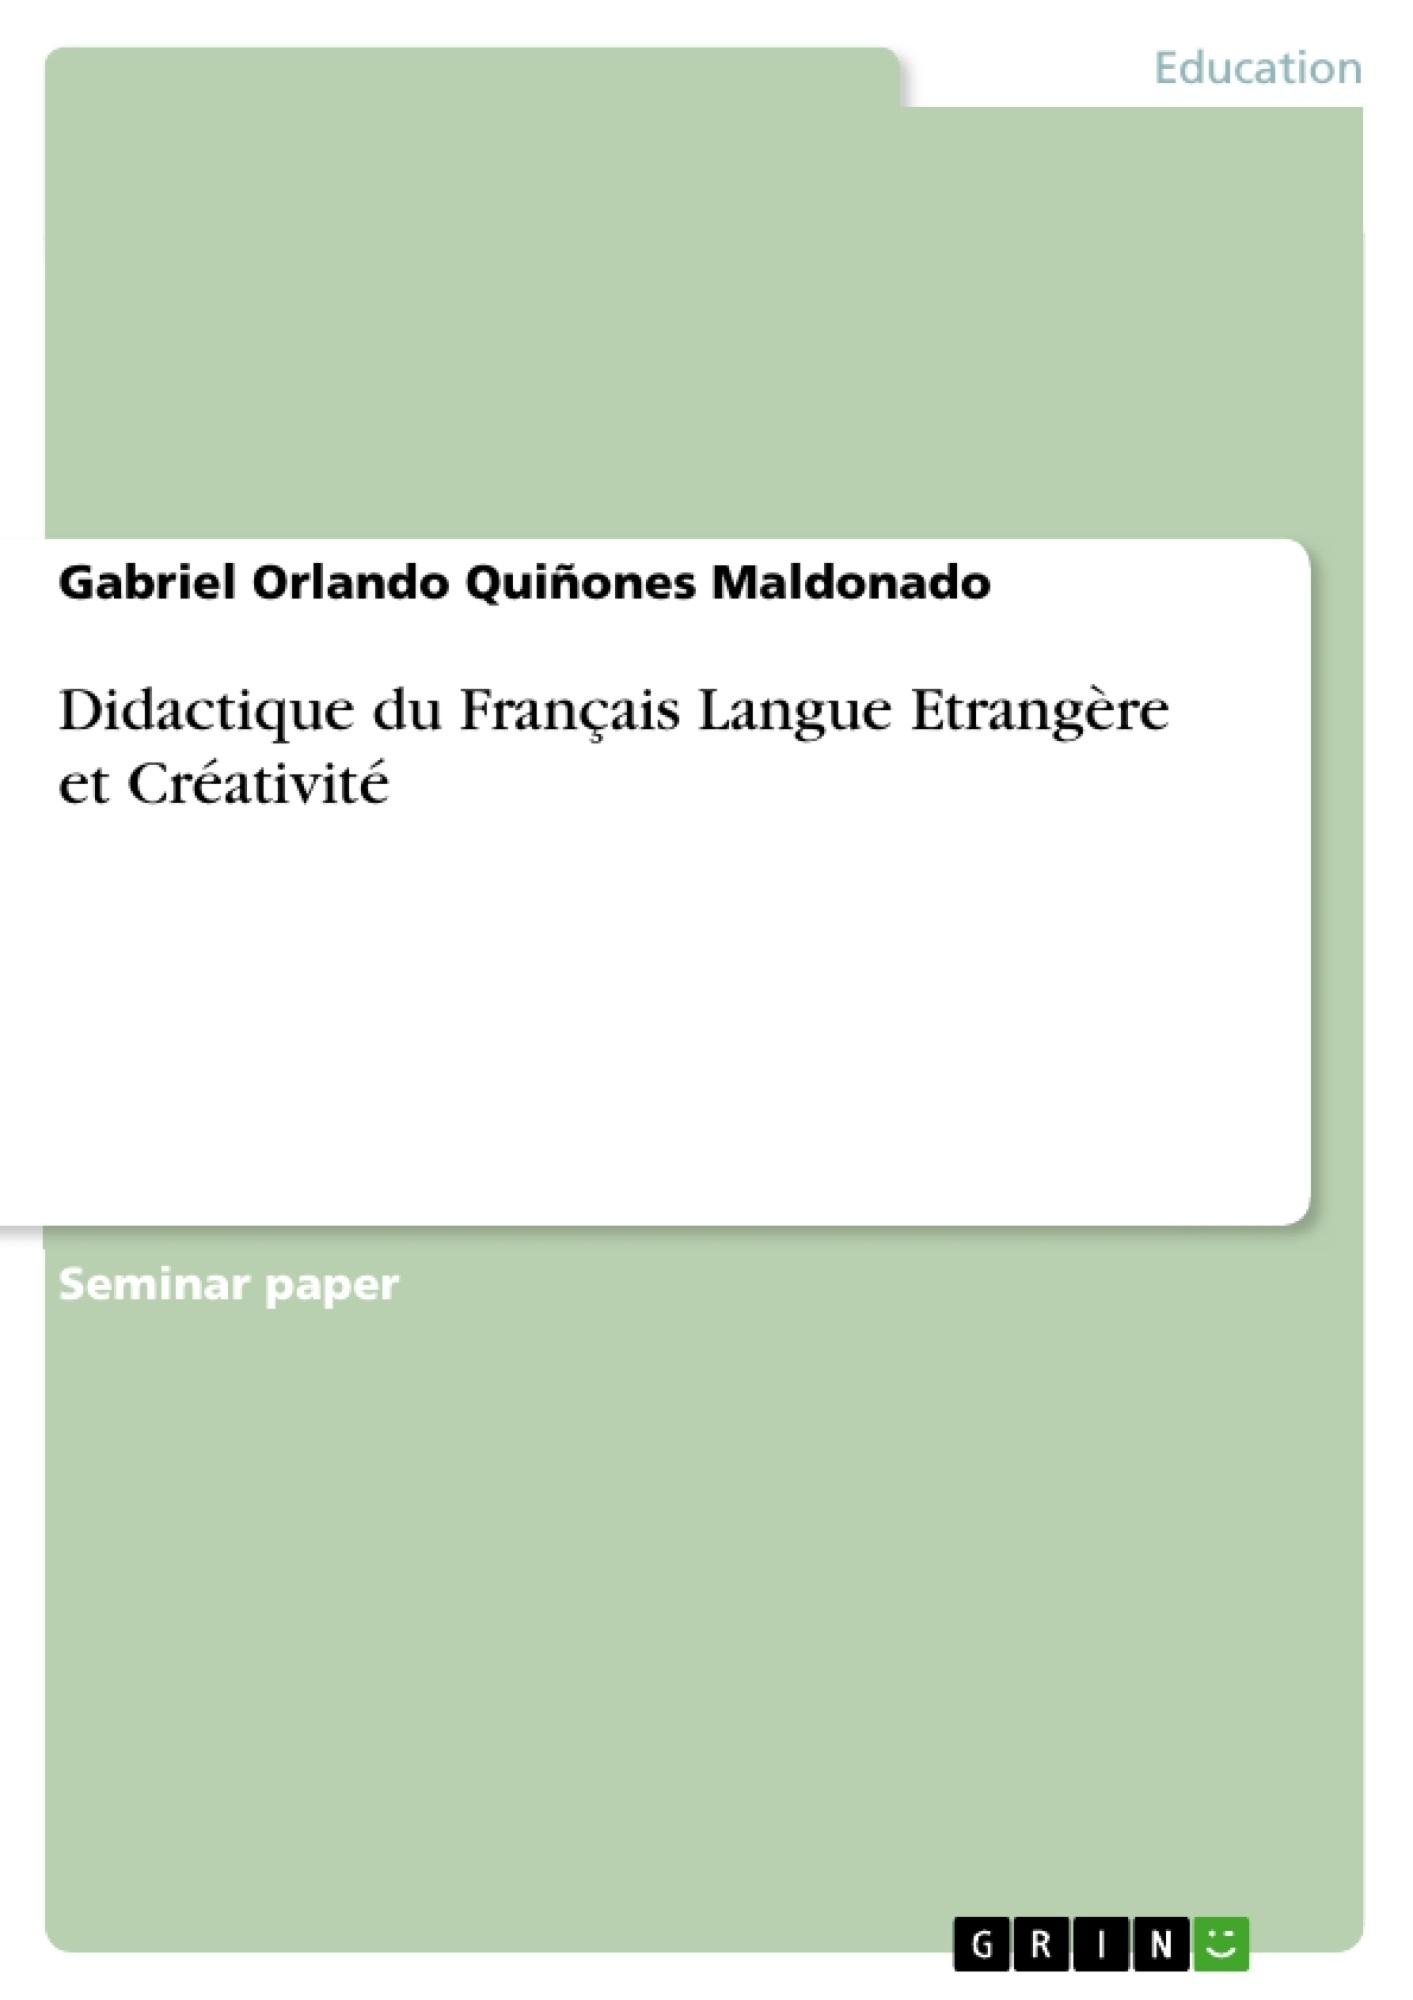 Titre: Didactique du Français Langue Etrangère et Créativité